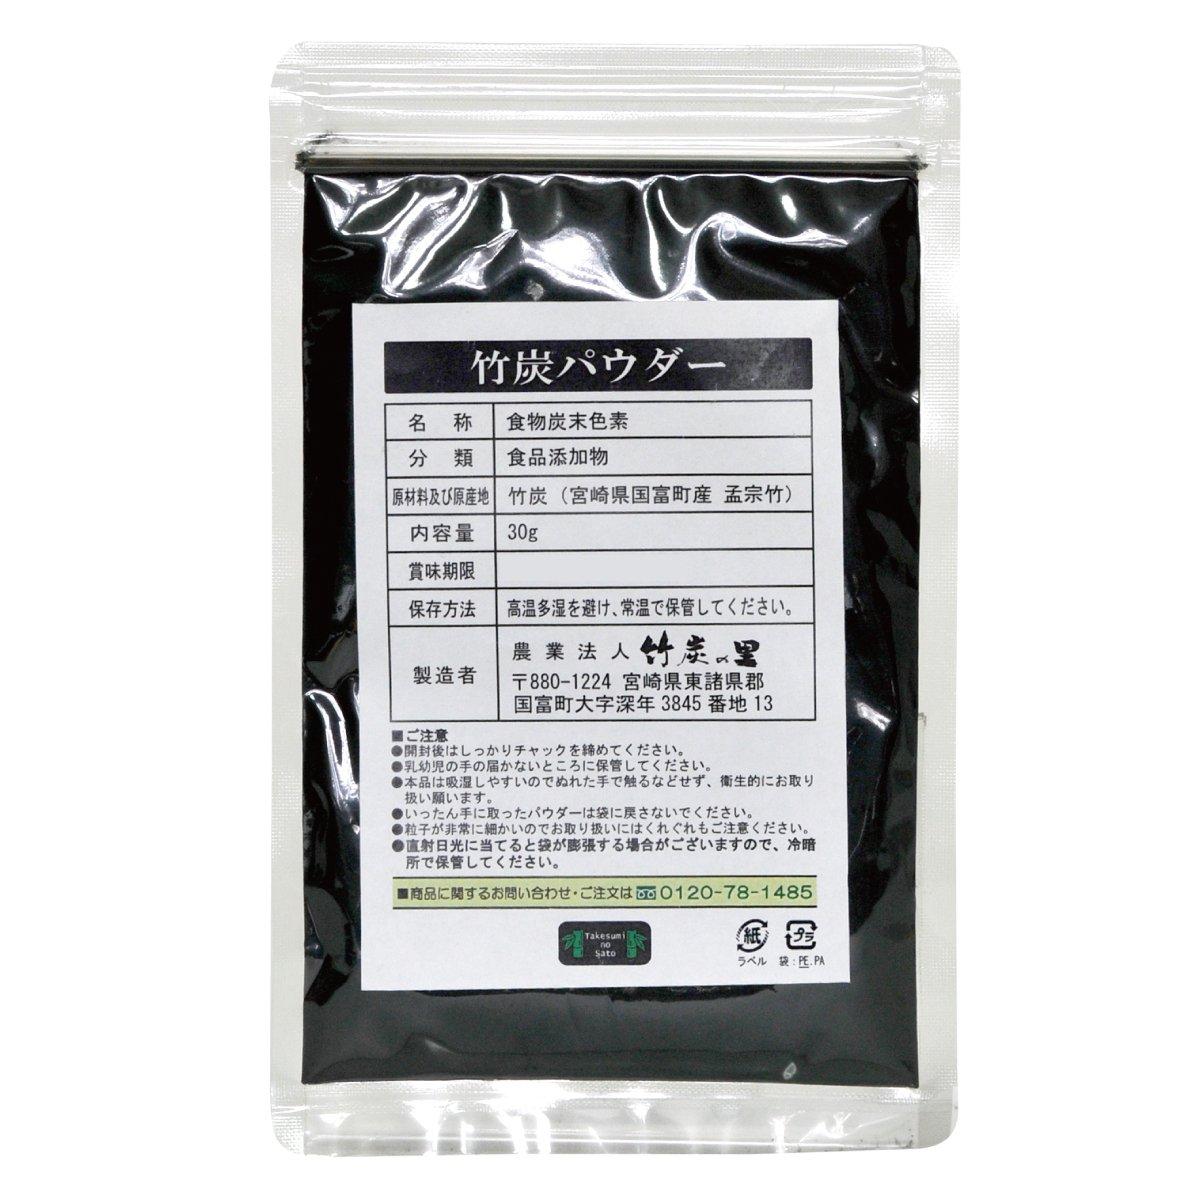 竹炭の里 竹炭パウダー 無味無臭 30g 放射能検査済み 滅菌処理済み 1000メッシュ 10ミクロン 宮崎県産 お菓子やキャラ弁、デトックス効果、ペットのご飯など幅広くお使いいただけます。